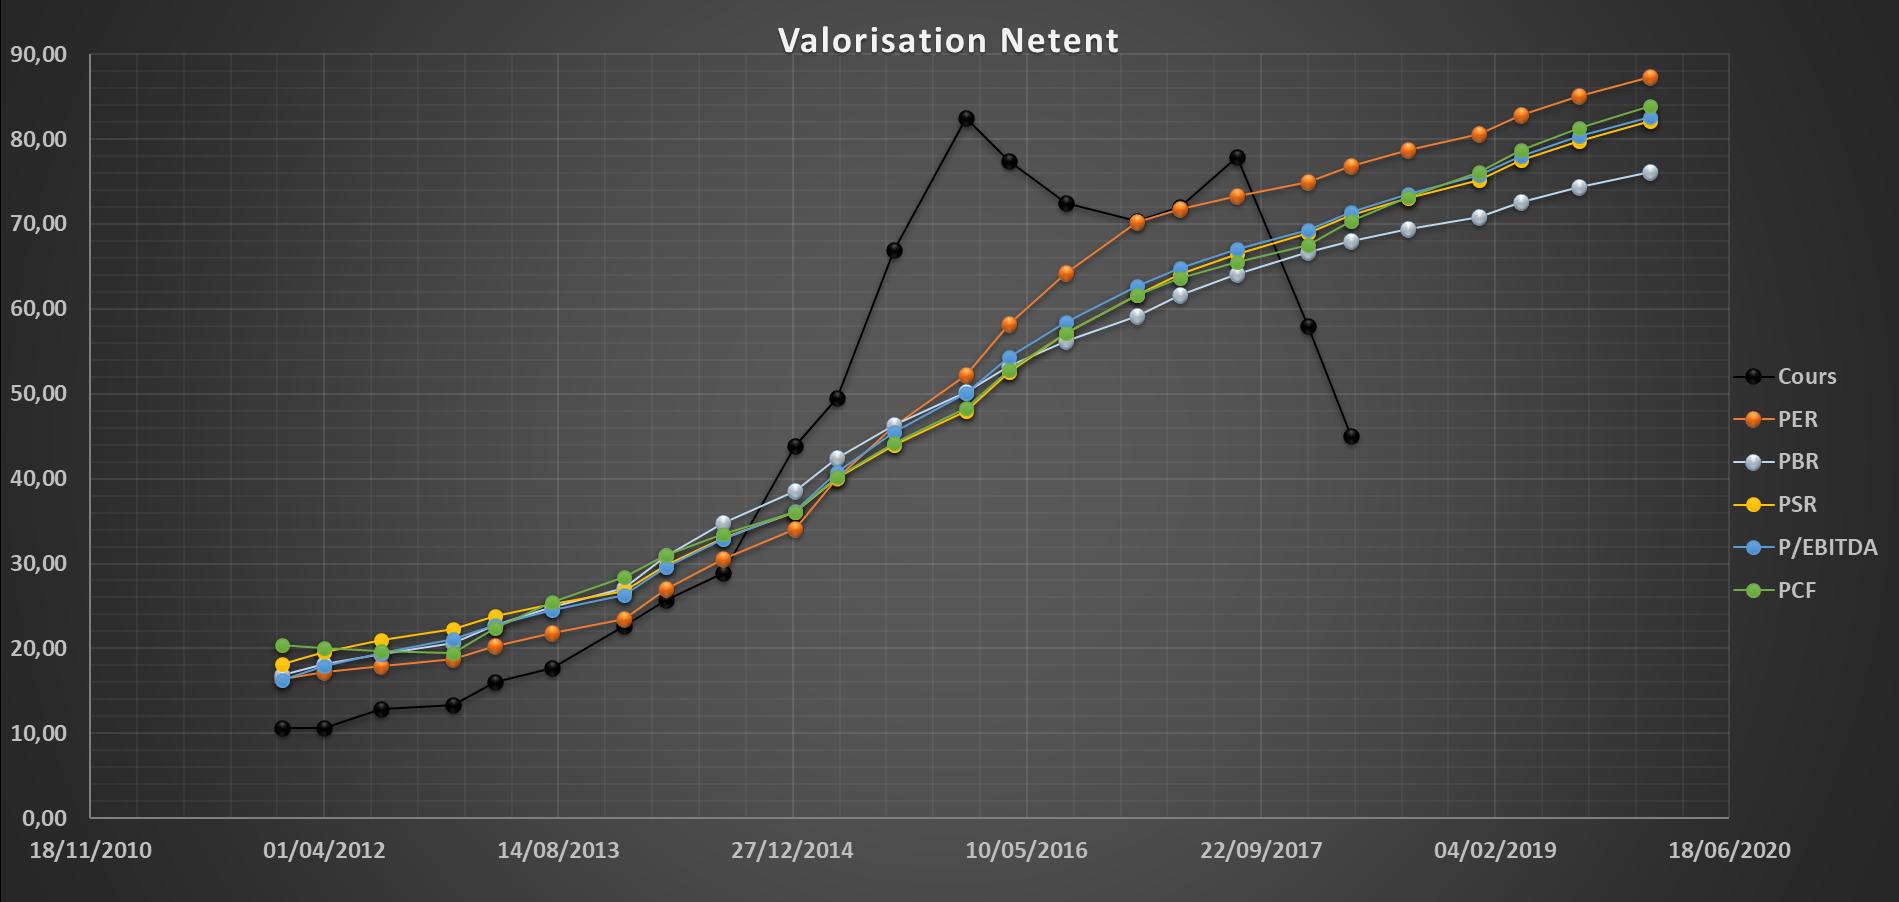 analyse action acheter bourse Netent valorisation